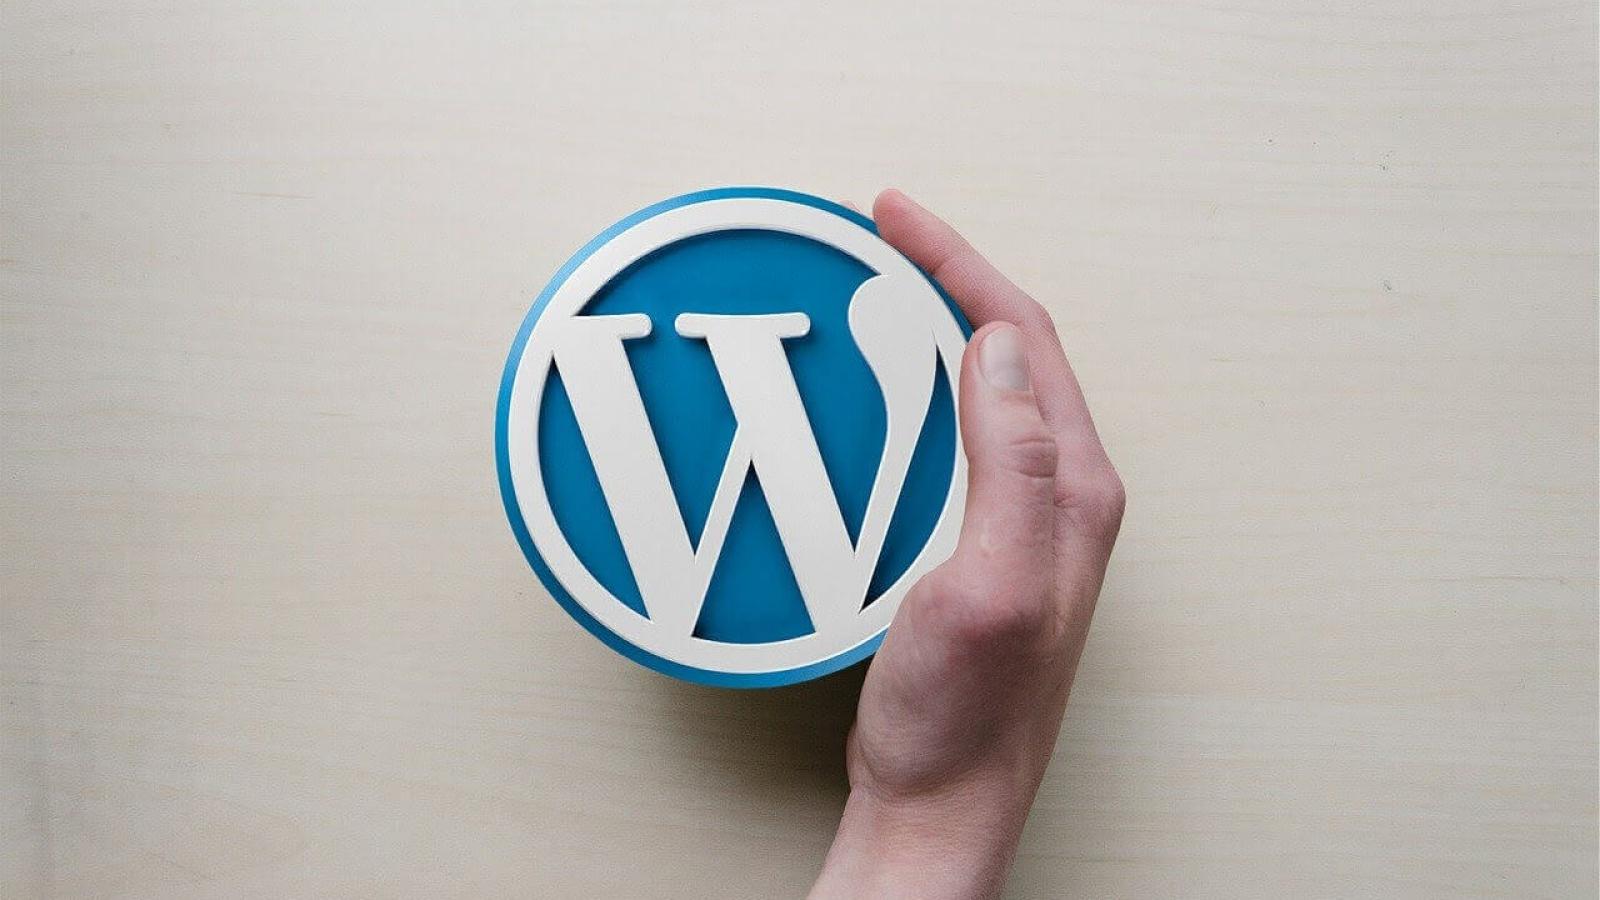 Jak dodać wpis na Wordpress?